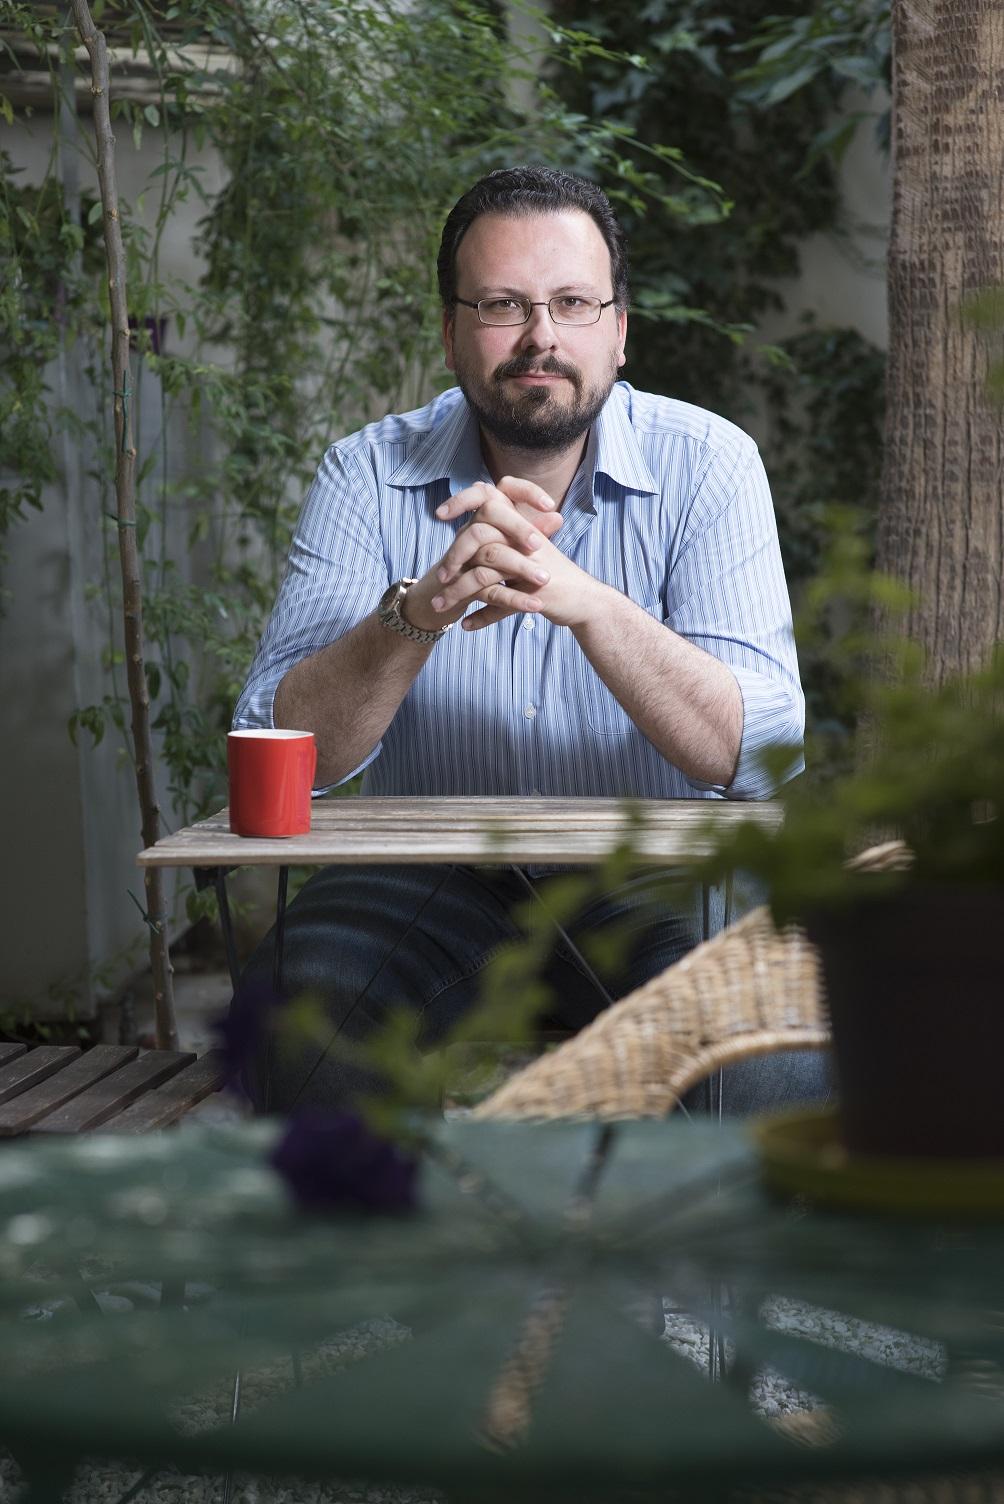 Αλέξανδρος Χαρκιολάκης, Μουσικολόγος – Διευθυντής του Συλλόγου Οι Φίλοι της Μουσικής